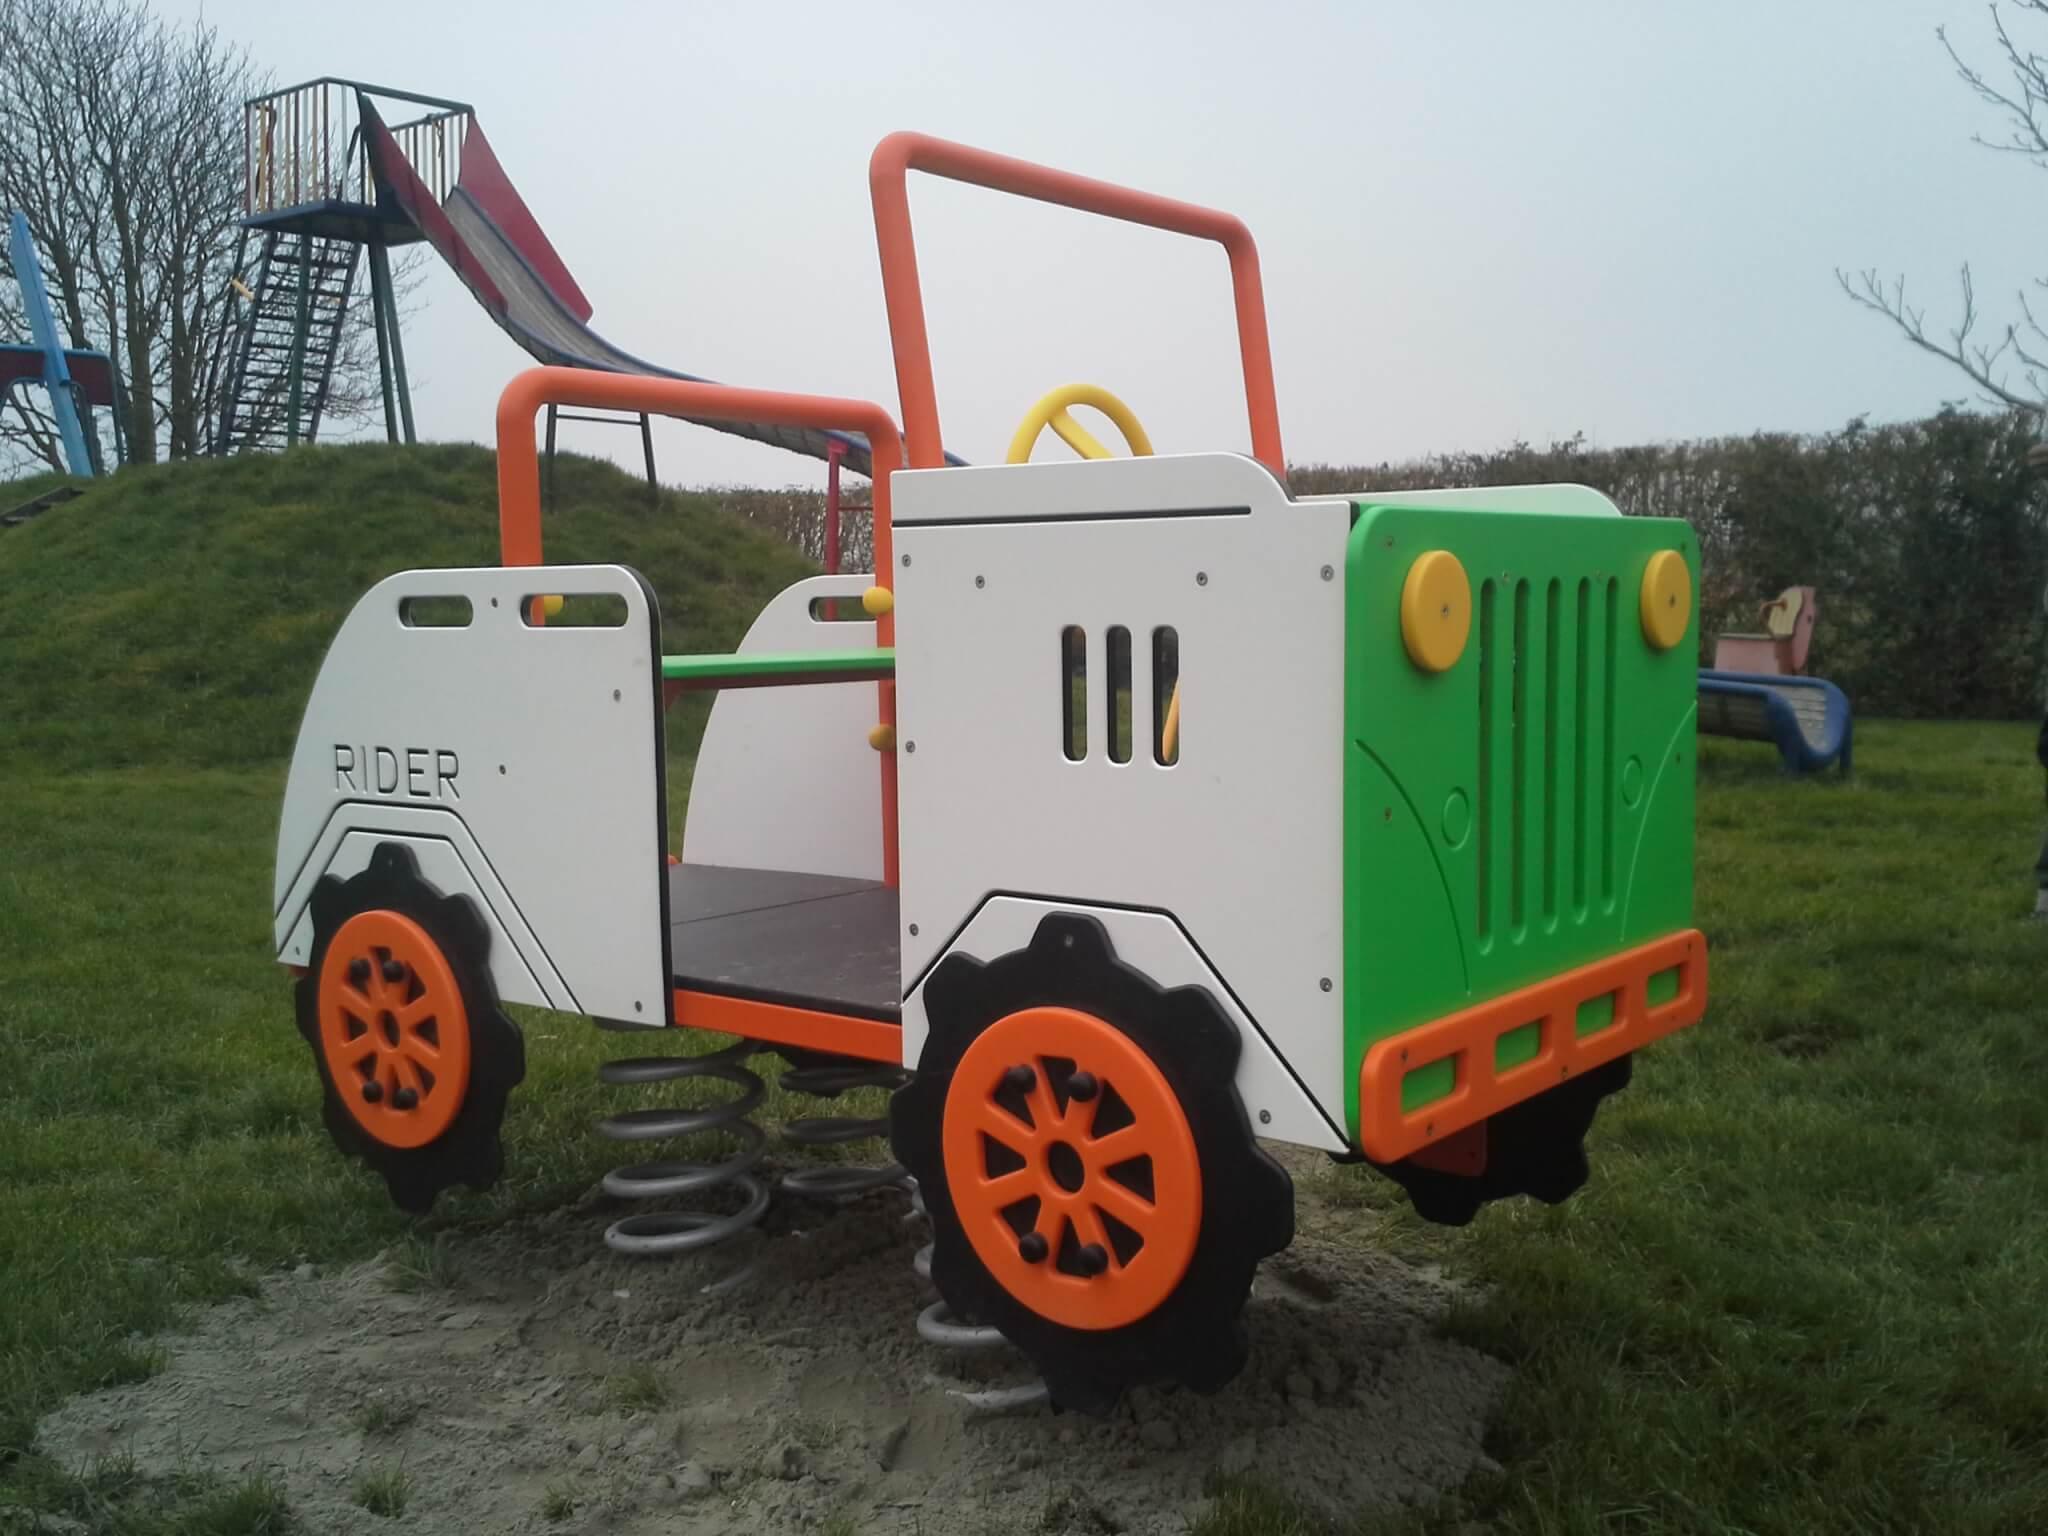 Veerfiguur Truck